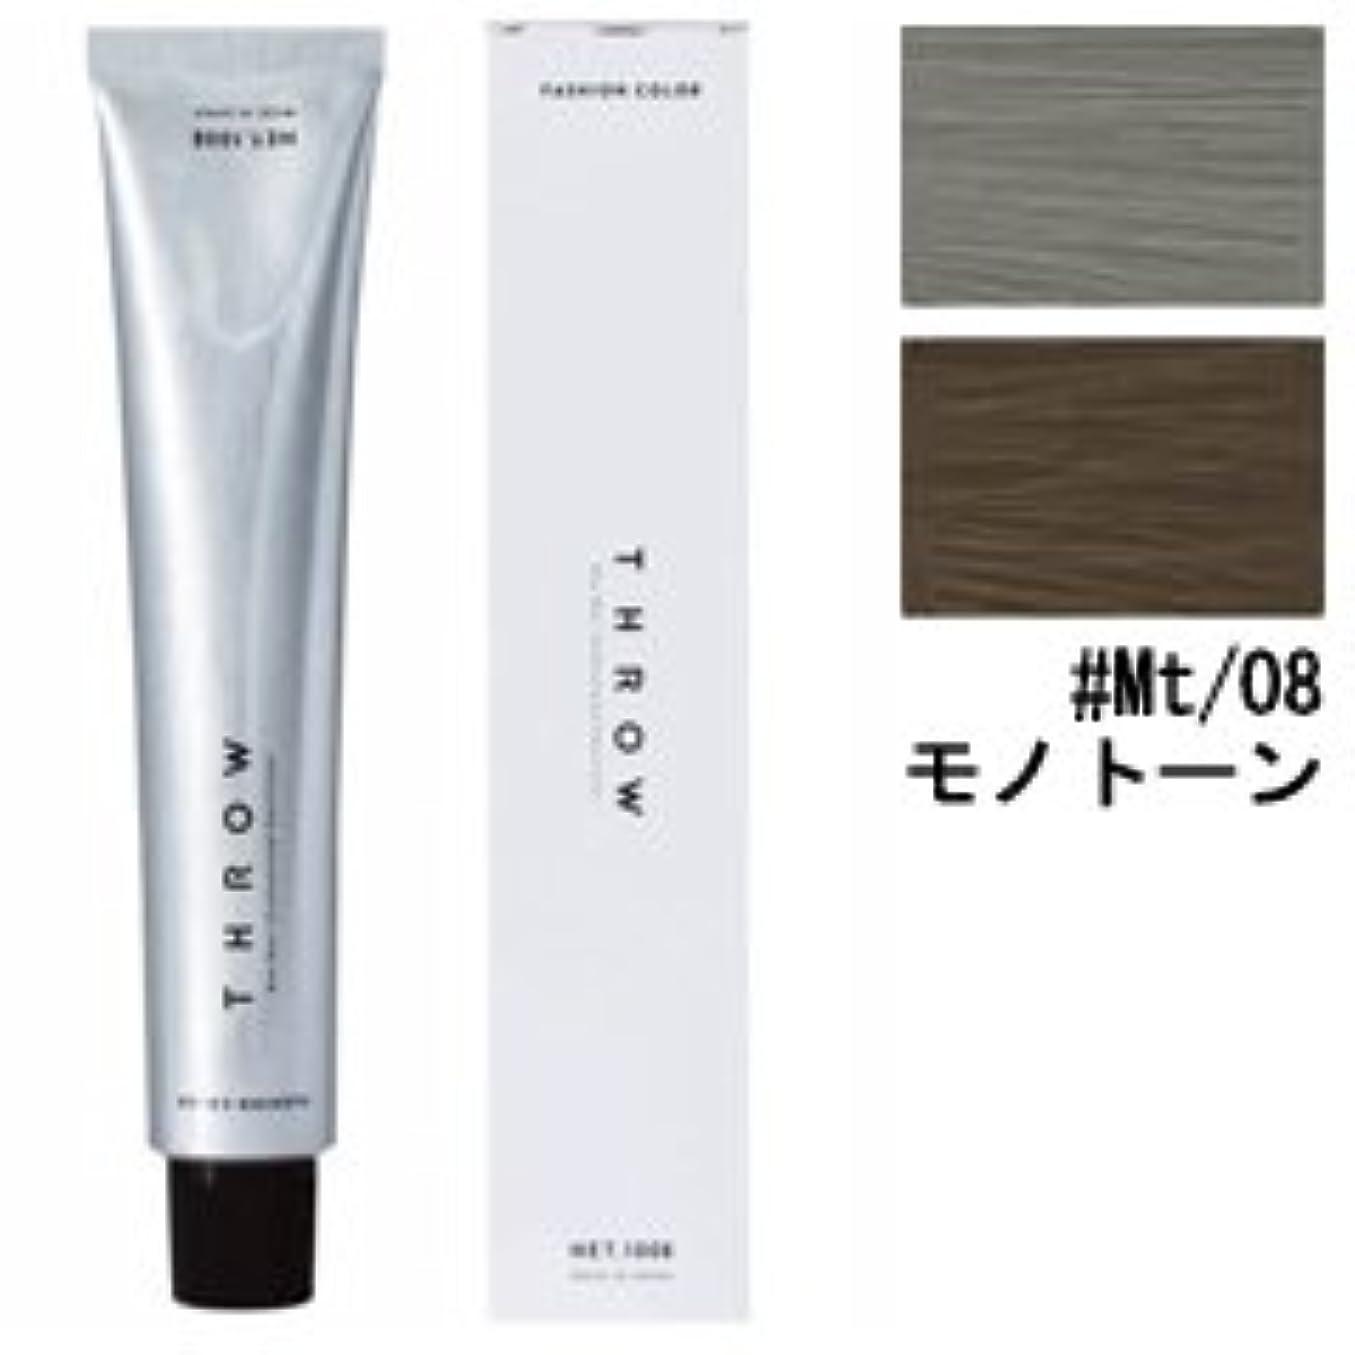 スリチンモイ検閲階段【モルトベーネ】スロウ ファッションカラー #Mt/08 モノトーン 100g